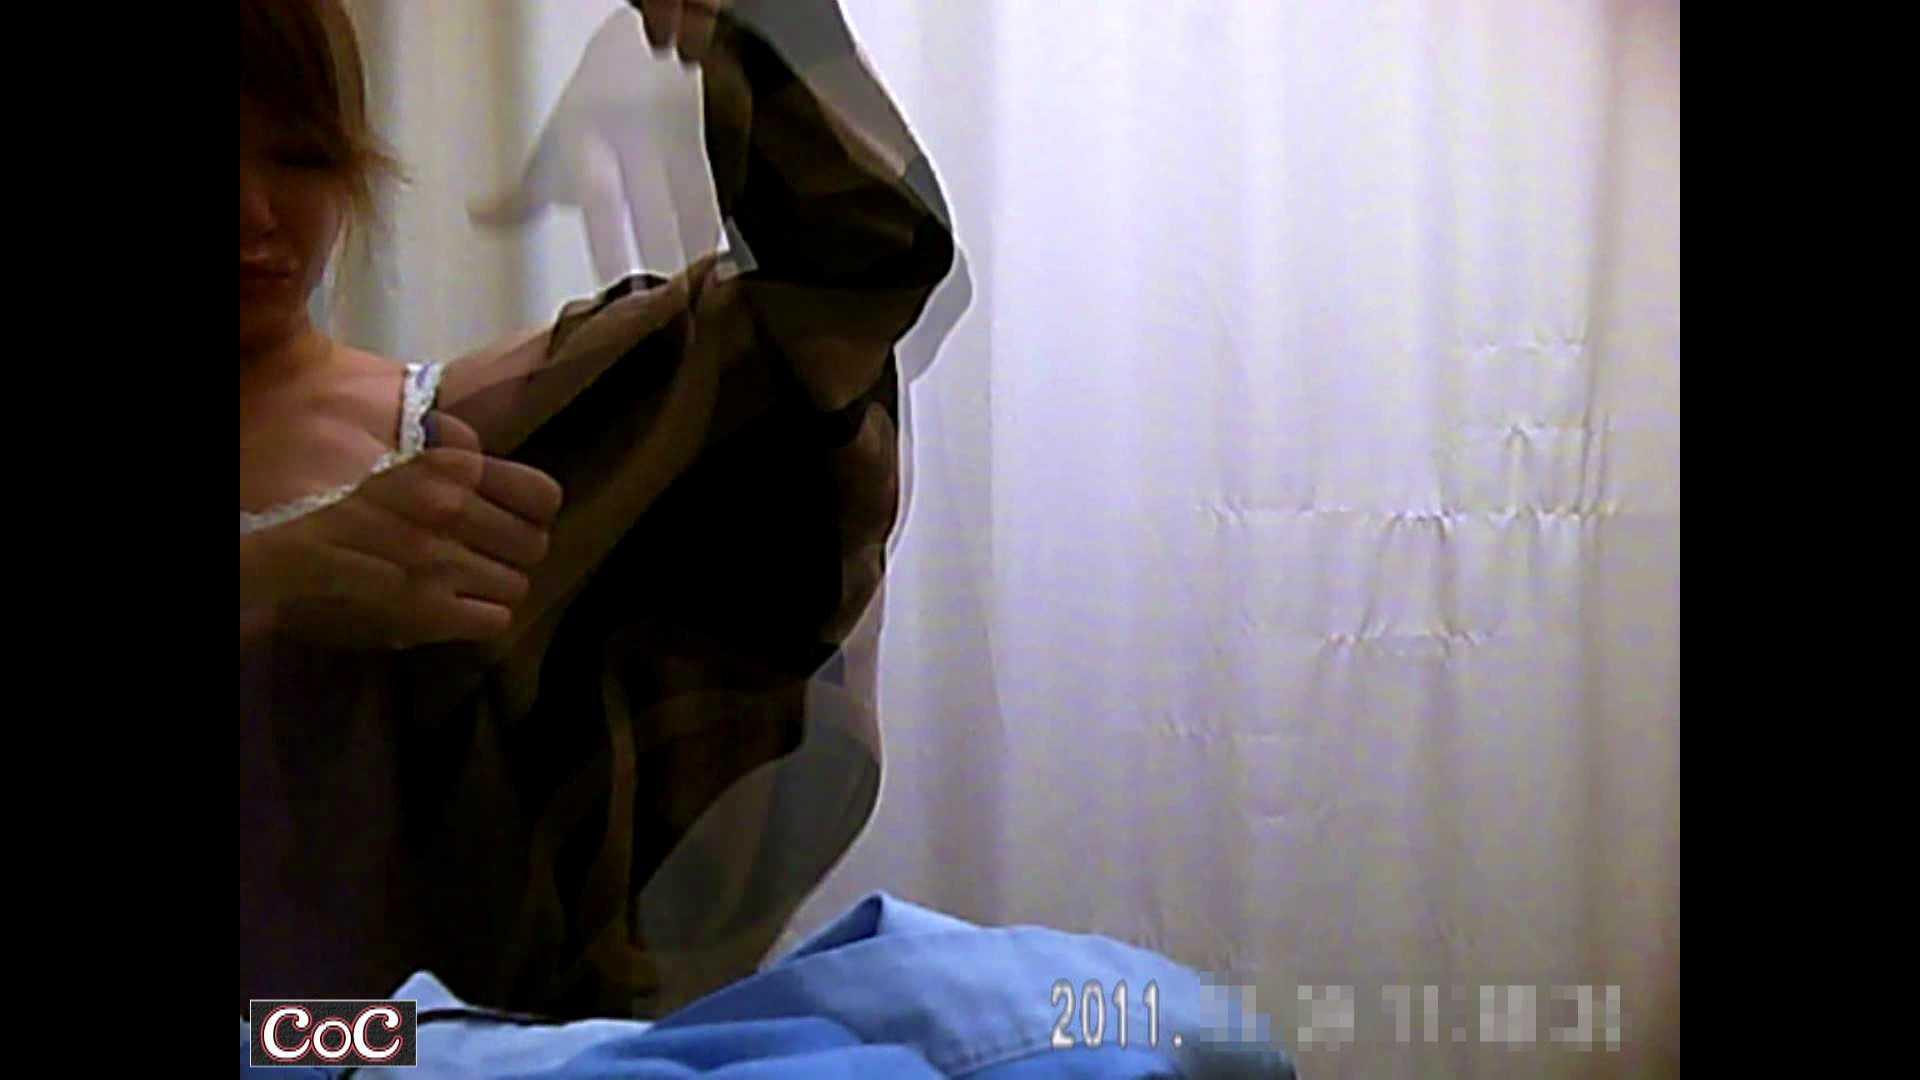 病院おもいっきり着替え! vol.85 巨乳 盗撮画像 98画像 23